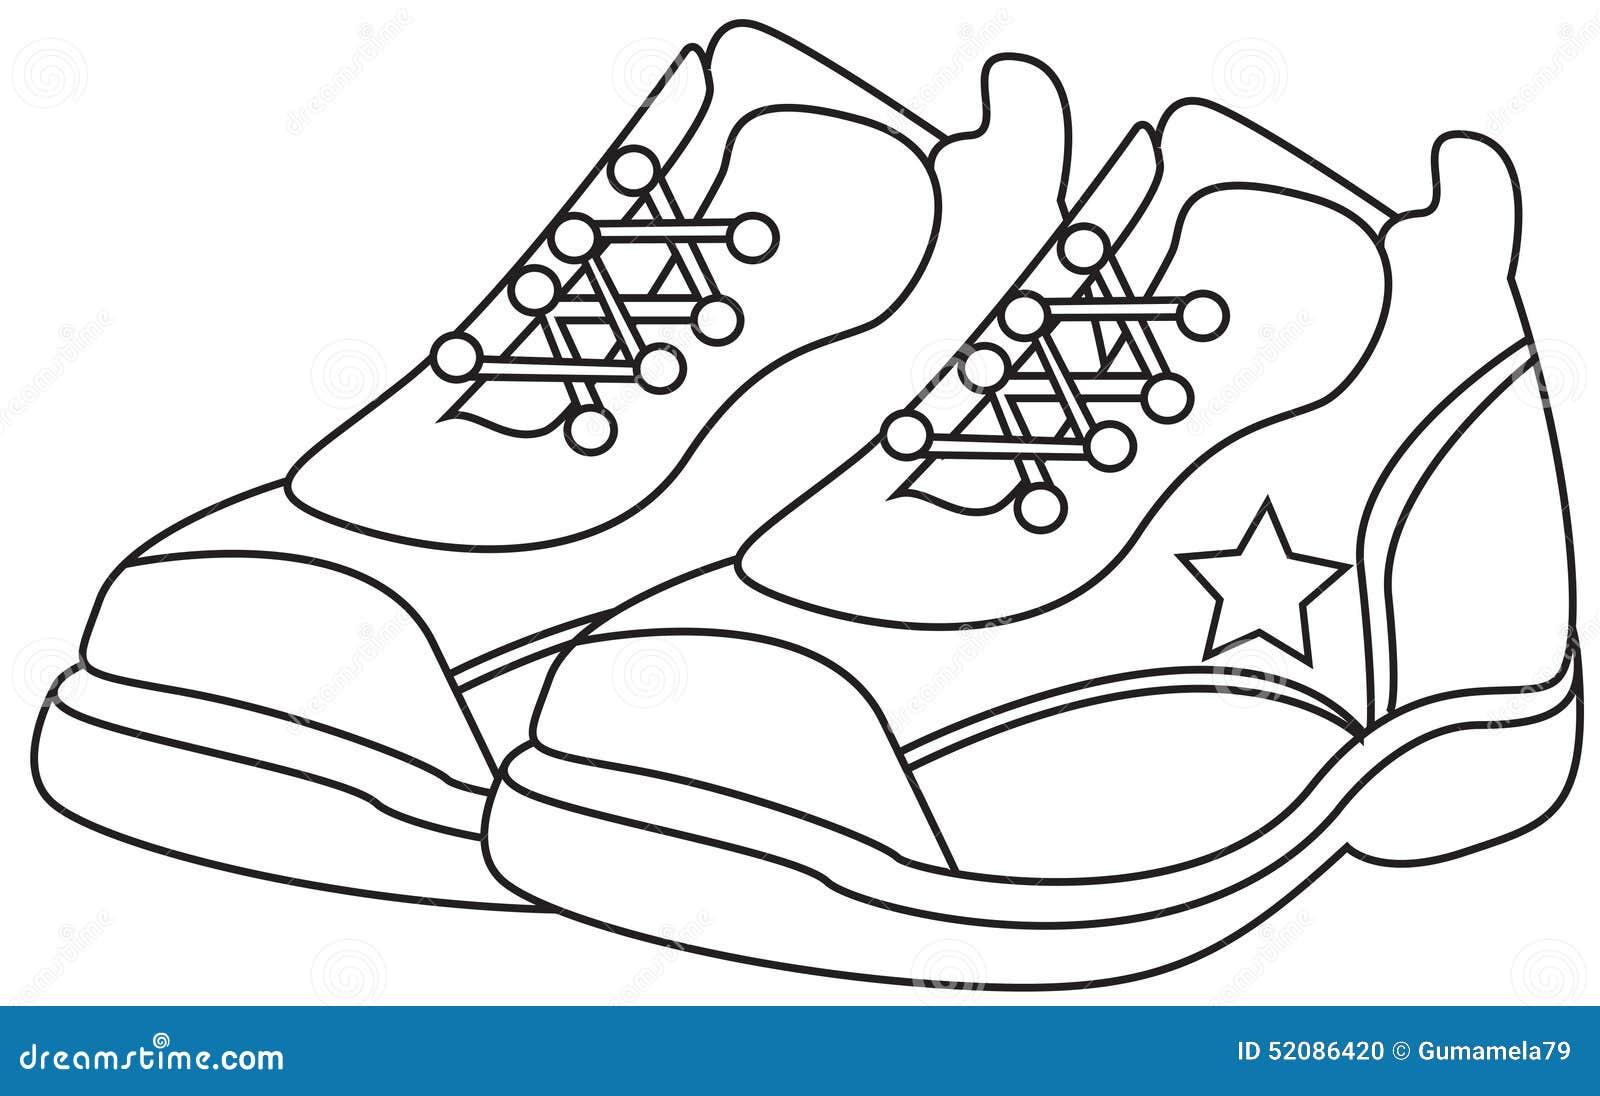 Scarpe Da Corsa Che Colorano Pagina Illustrazione Di Stock